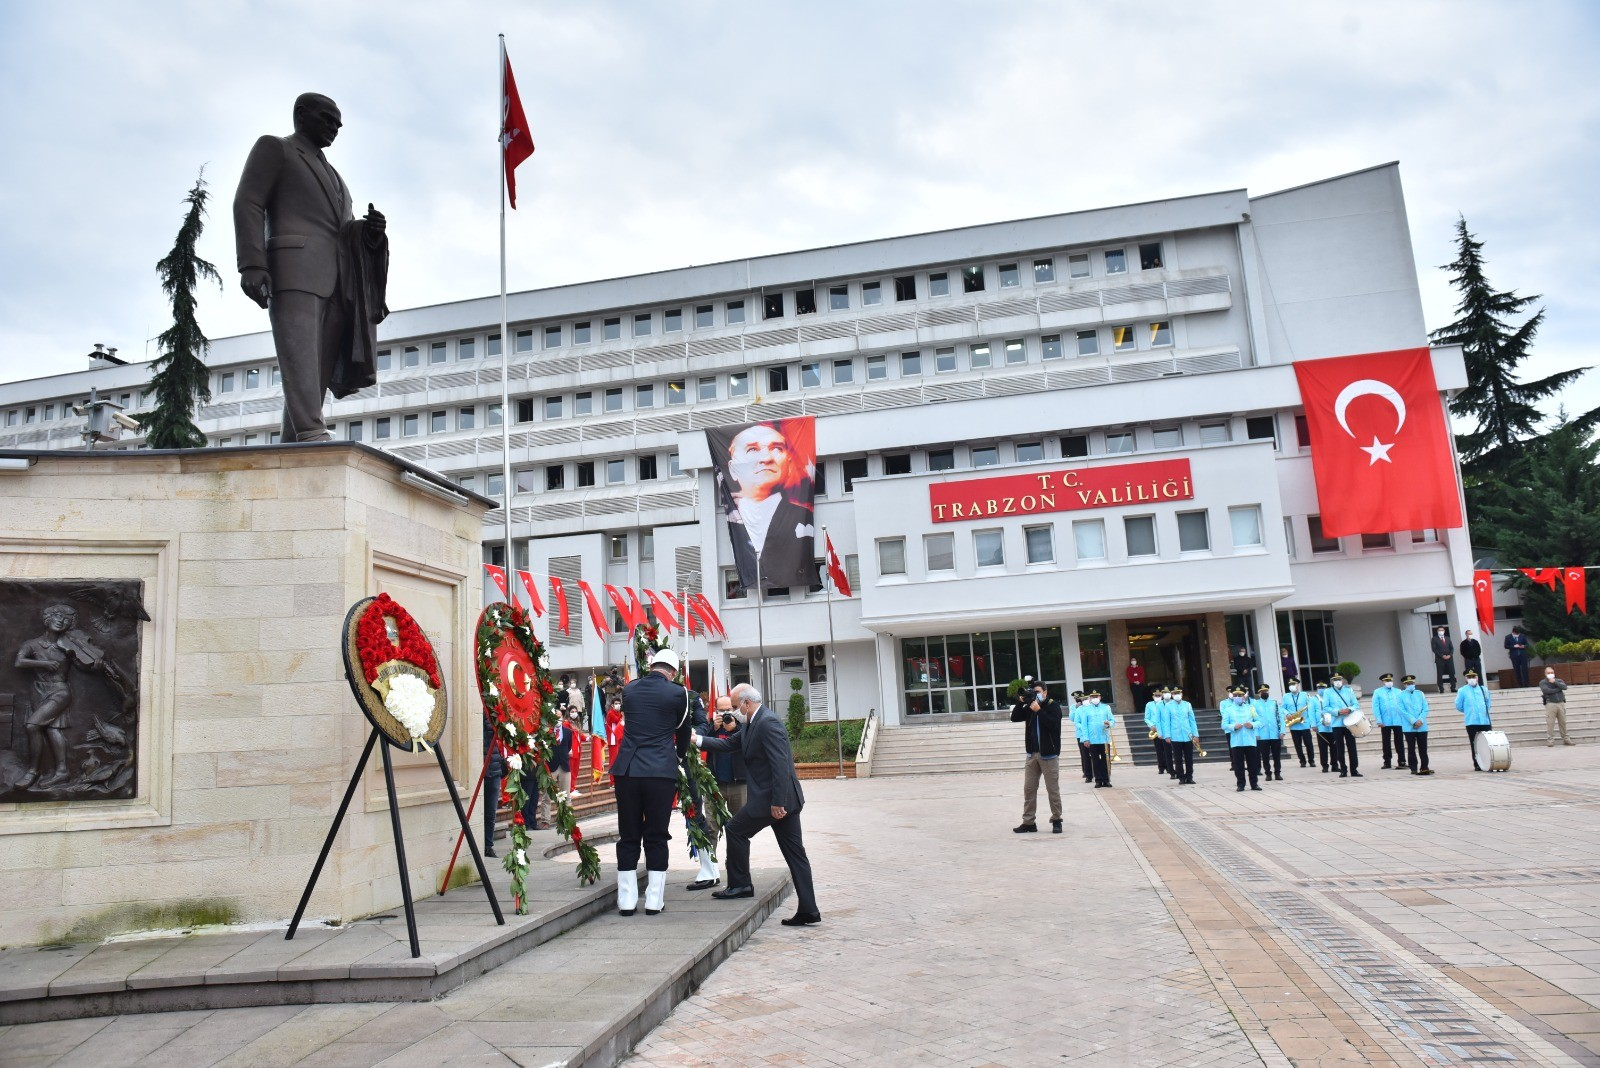 TRABZON'DA ATATÜRK'Ü ANMA PROGRAMI DÜZENLENDİ